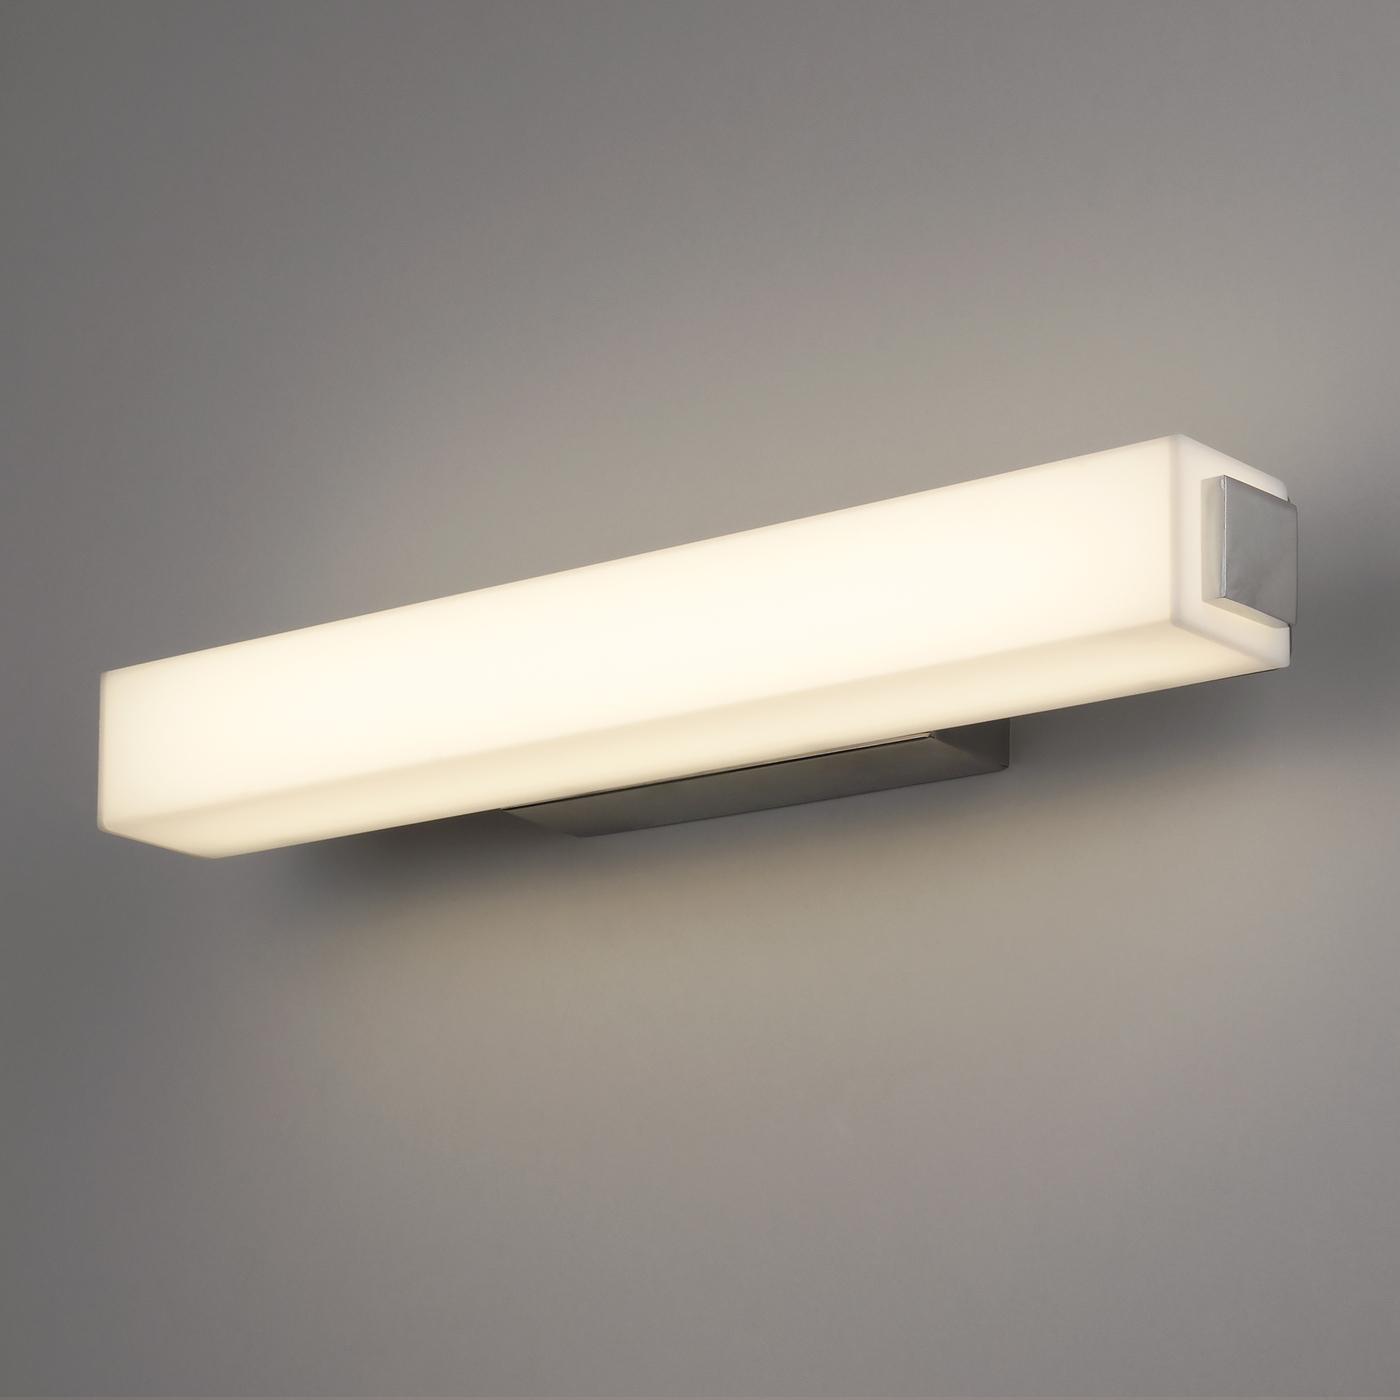 Настенный светильник Elektrostandard Kofra LED светодиодный MRL LED 1070, 12 Вт elektrostandard настенный светильник elektrostandard inside led белый матовый mrl led 12w